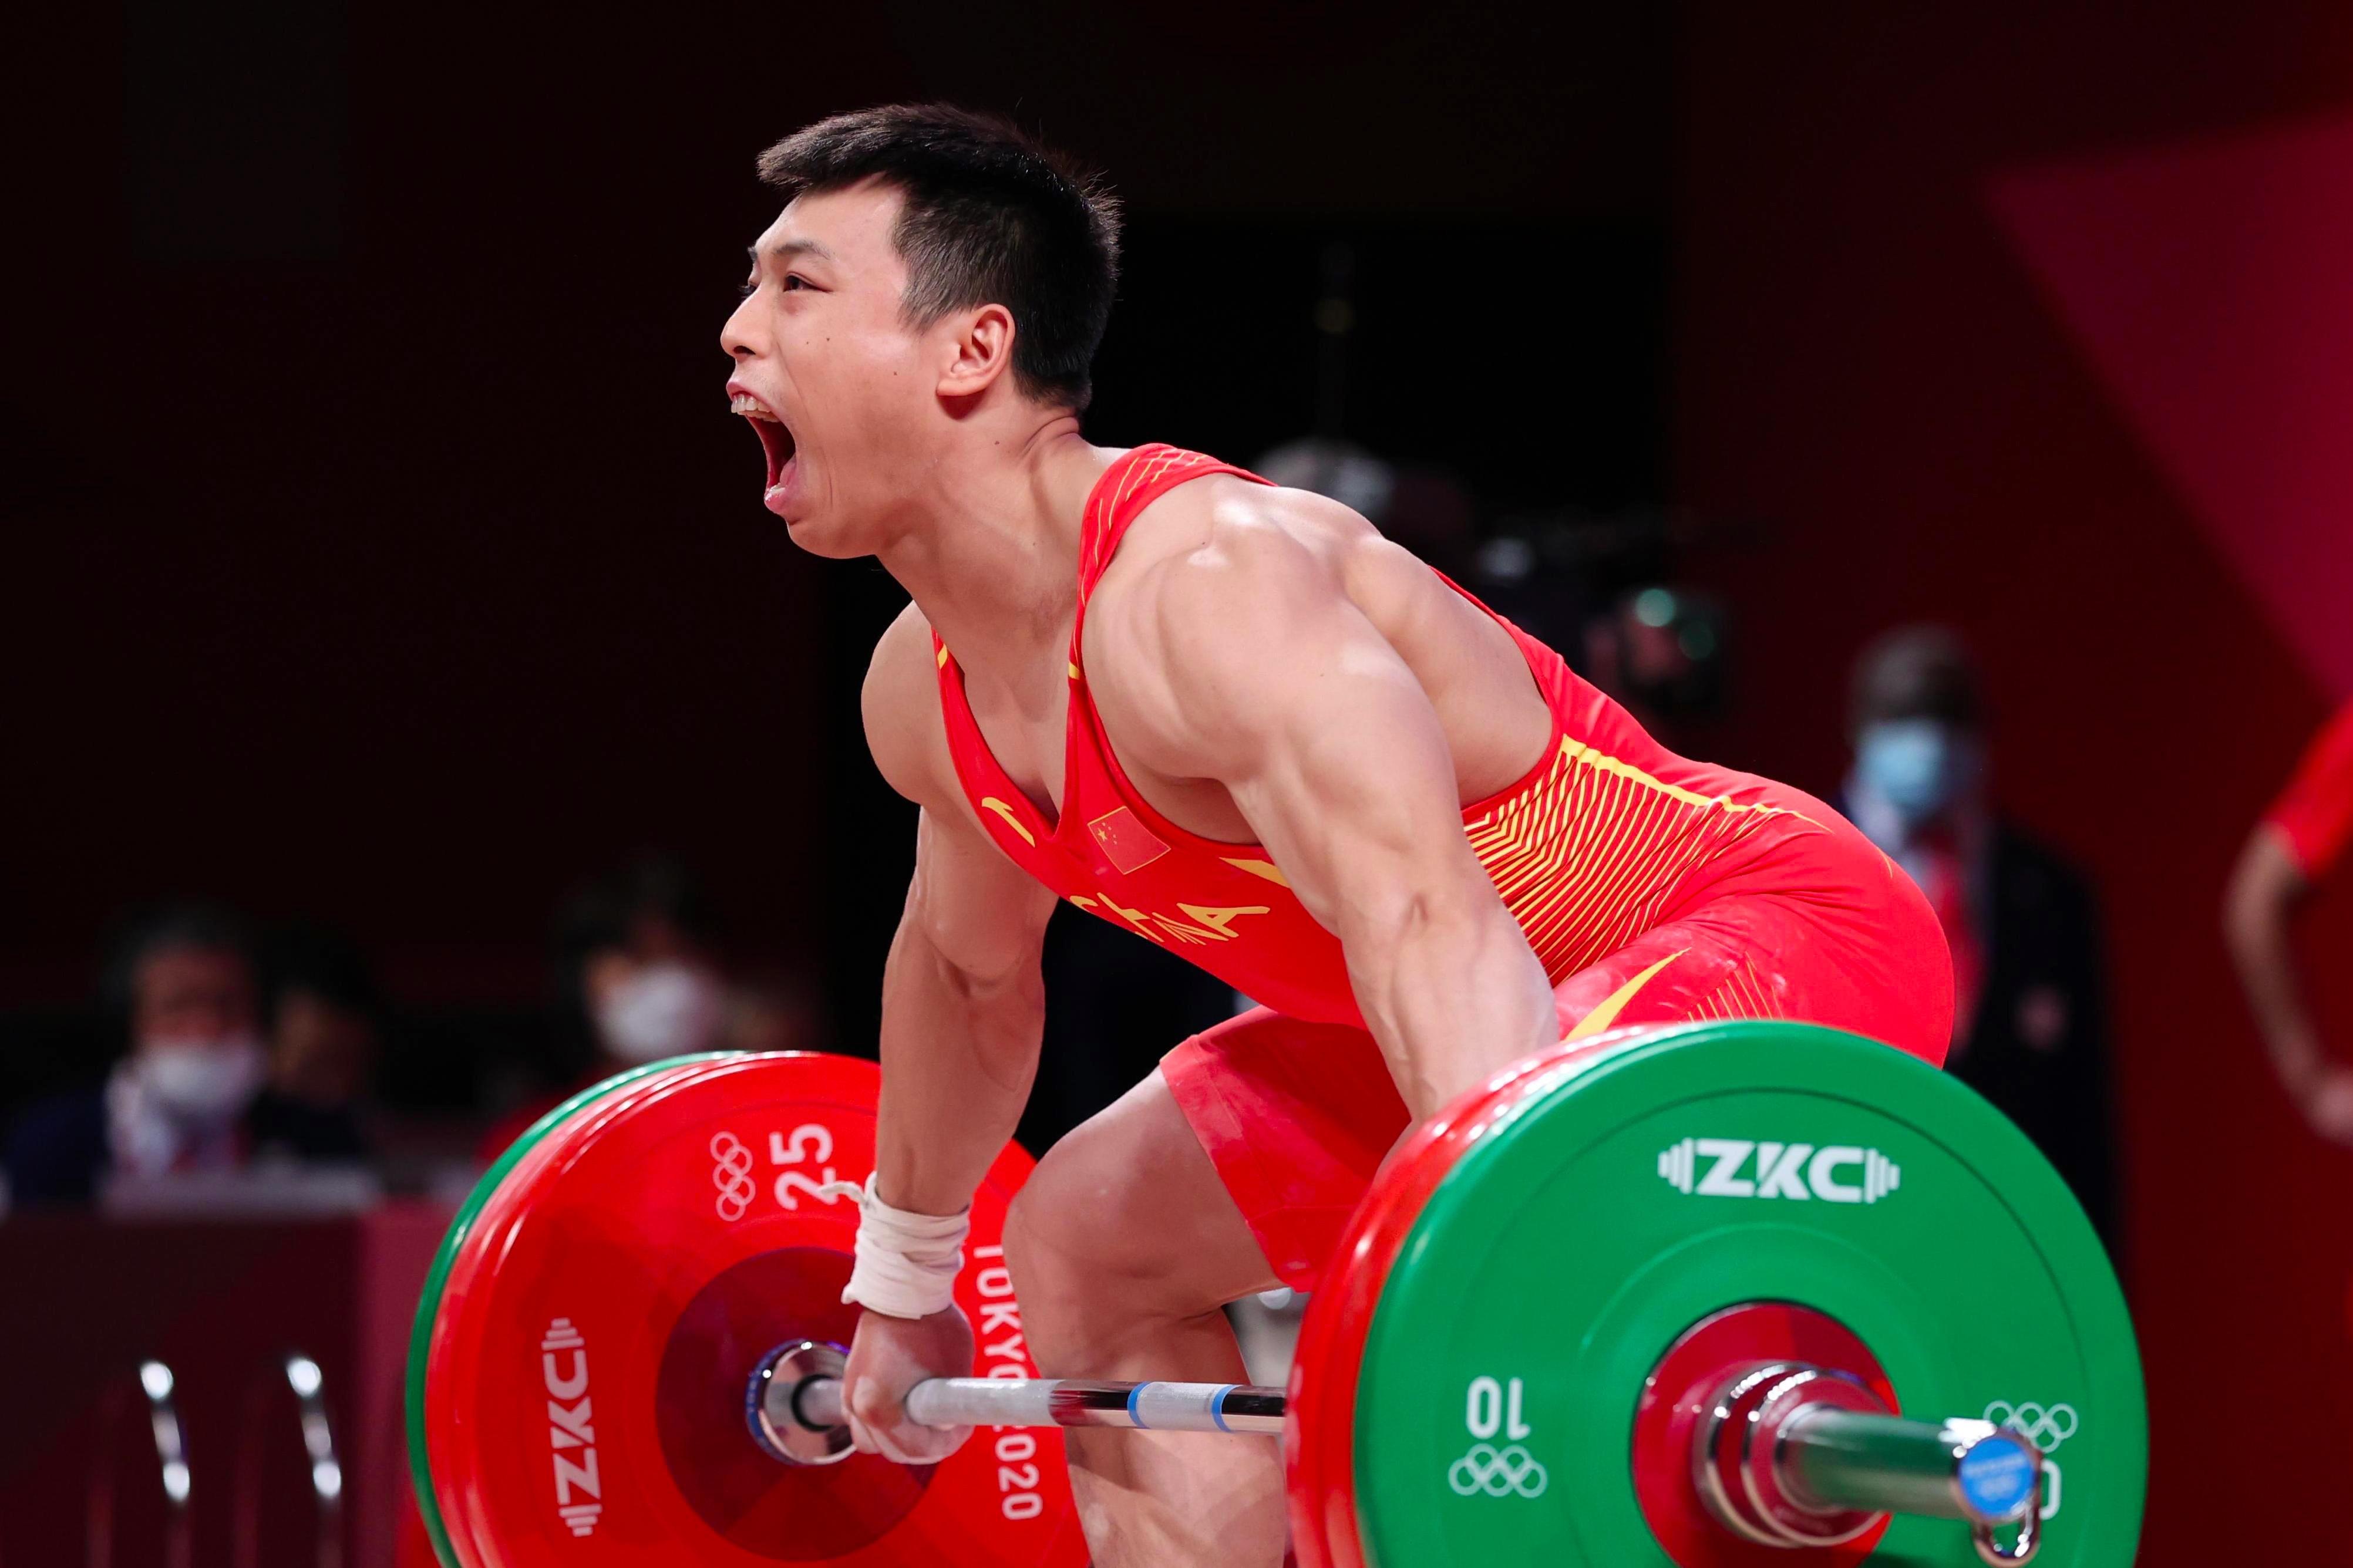 谌利军获举重男子67公斤级冠军 湖南省委省政府发贺电